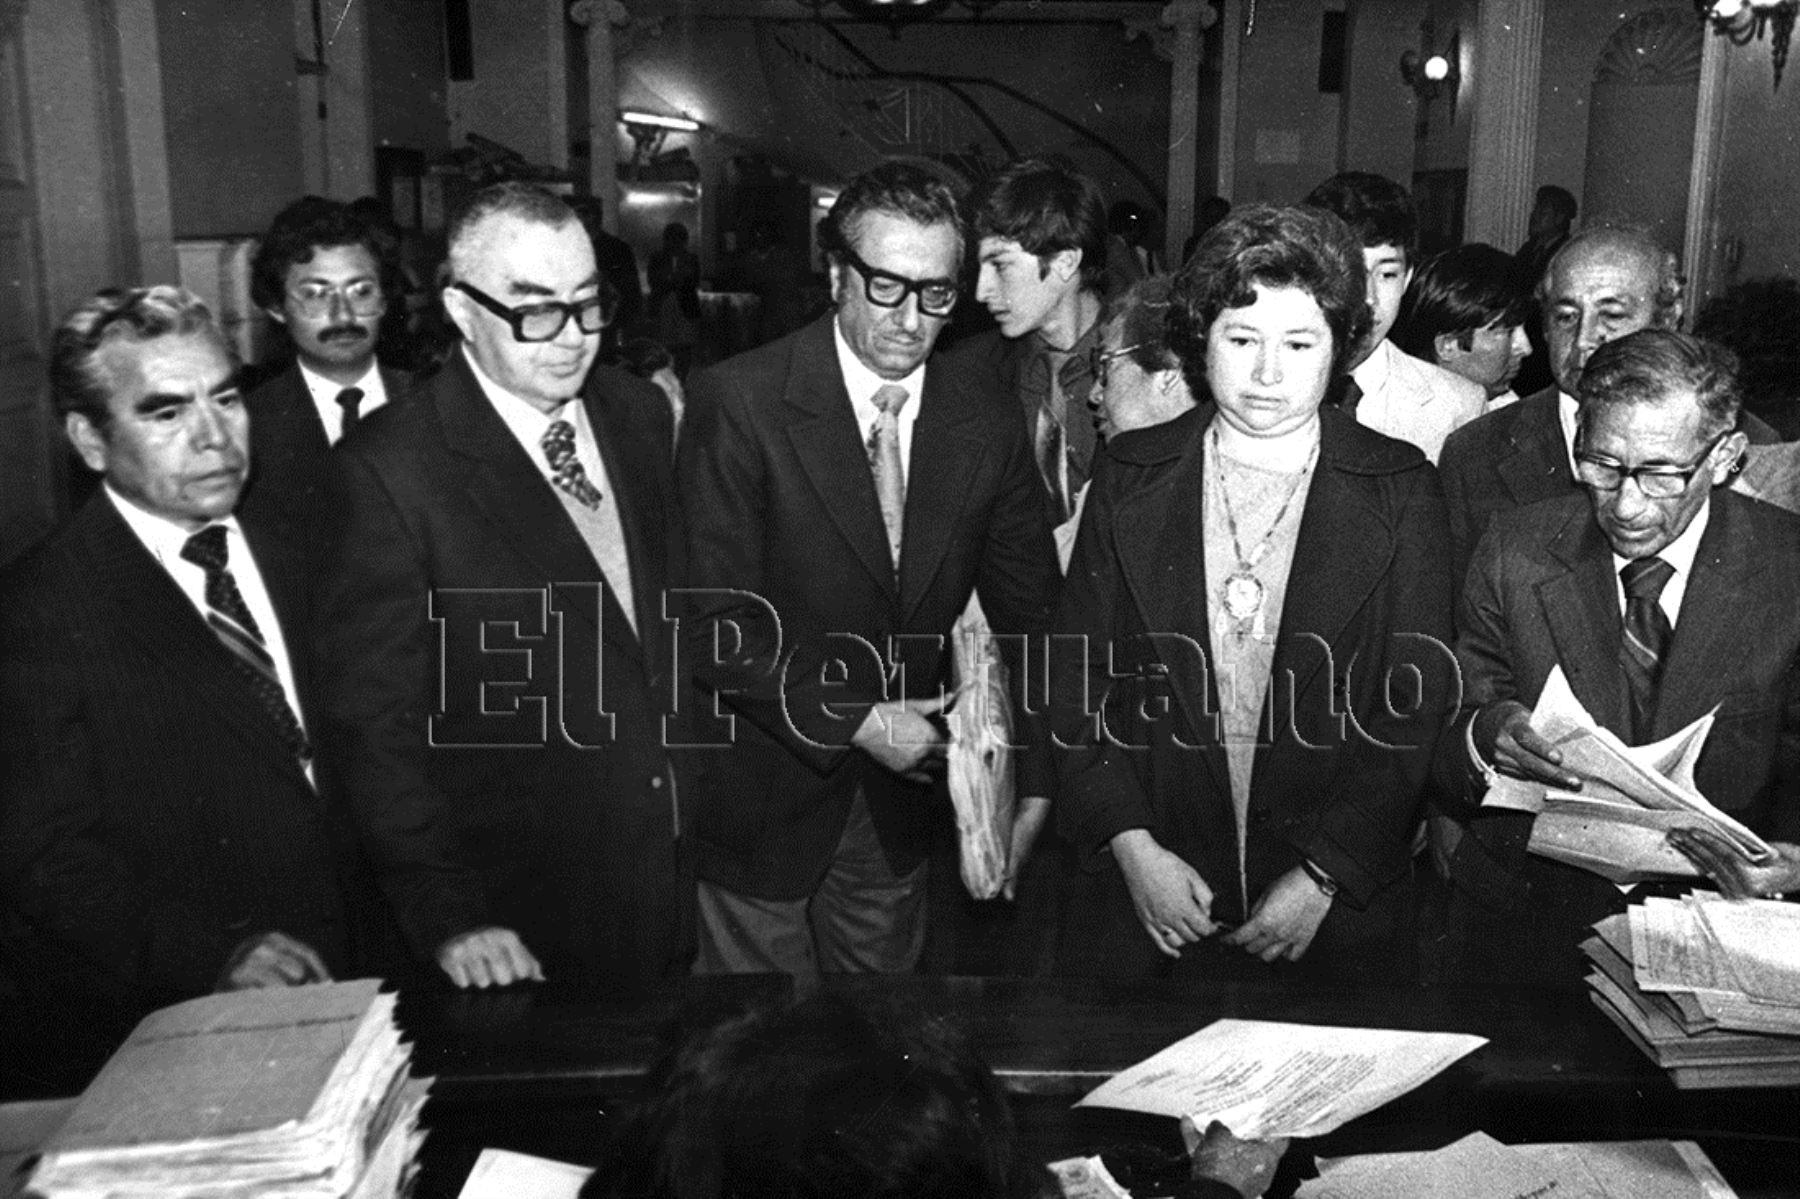 1990. Dora Narrea en el momento de la inscripción de su candidatura a la Presidencia de la República por la Unión Nacional Odriísta (UNO). Fue la primera mujer en  la historia del Perú en postular a la Presidencia.